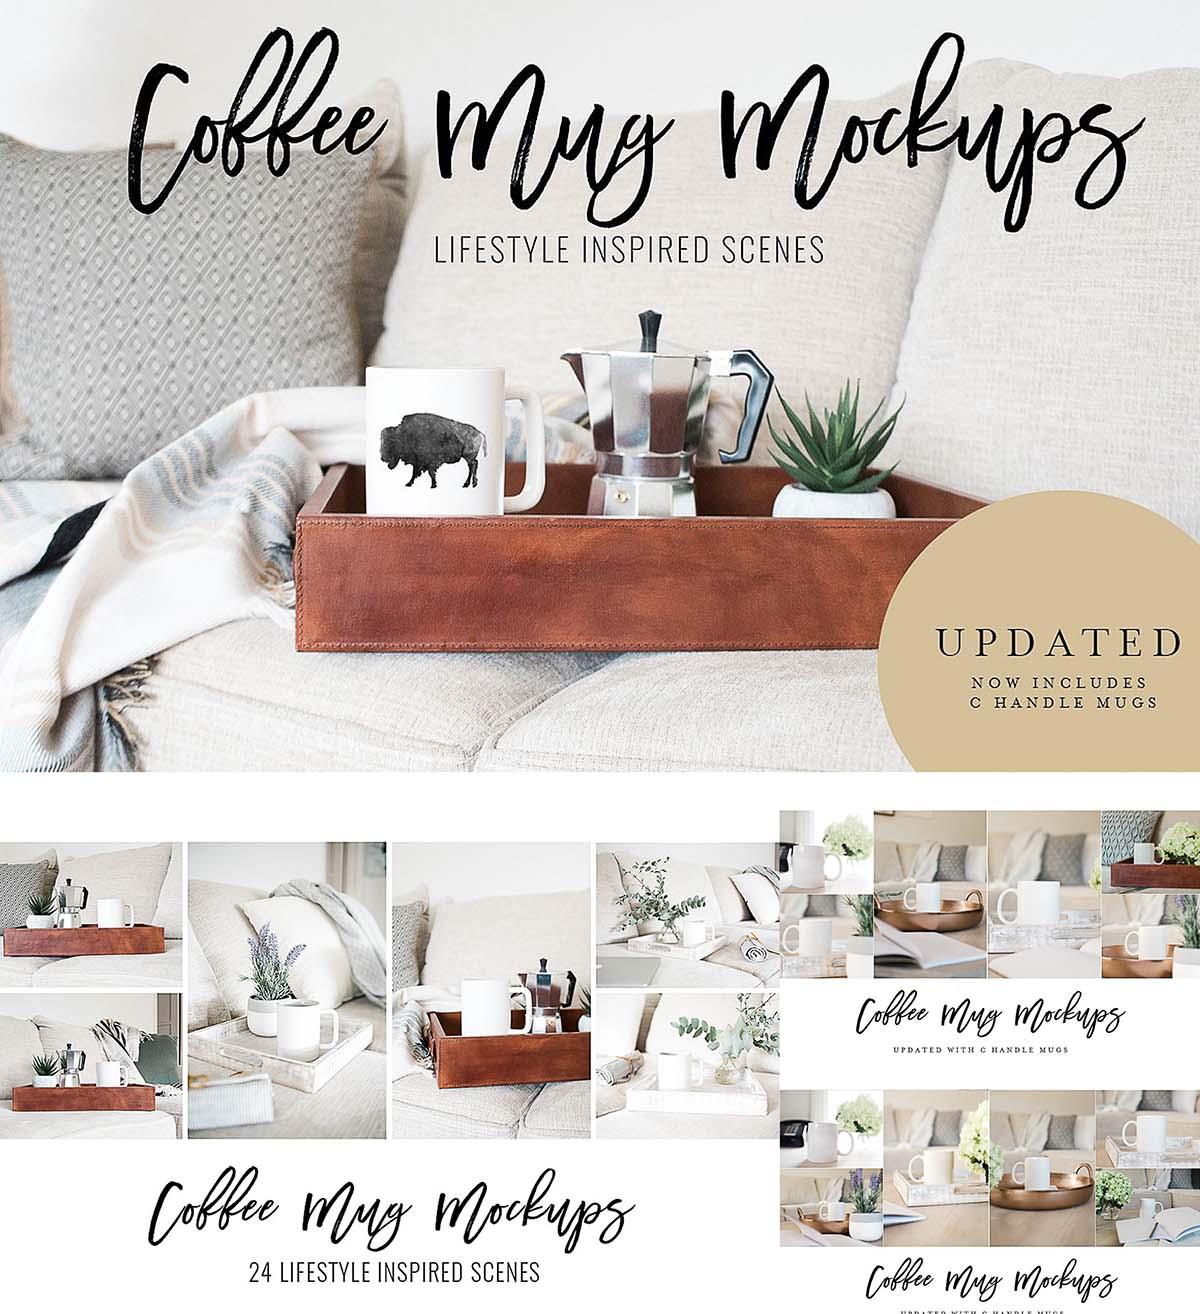 Coffee mug stock photo collection